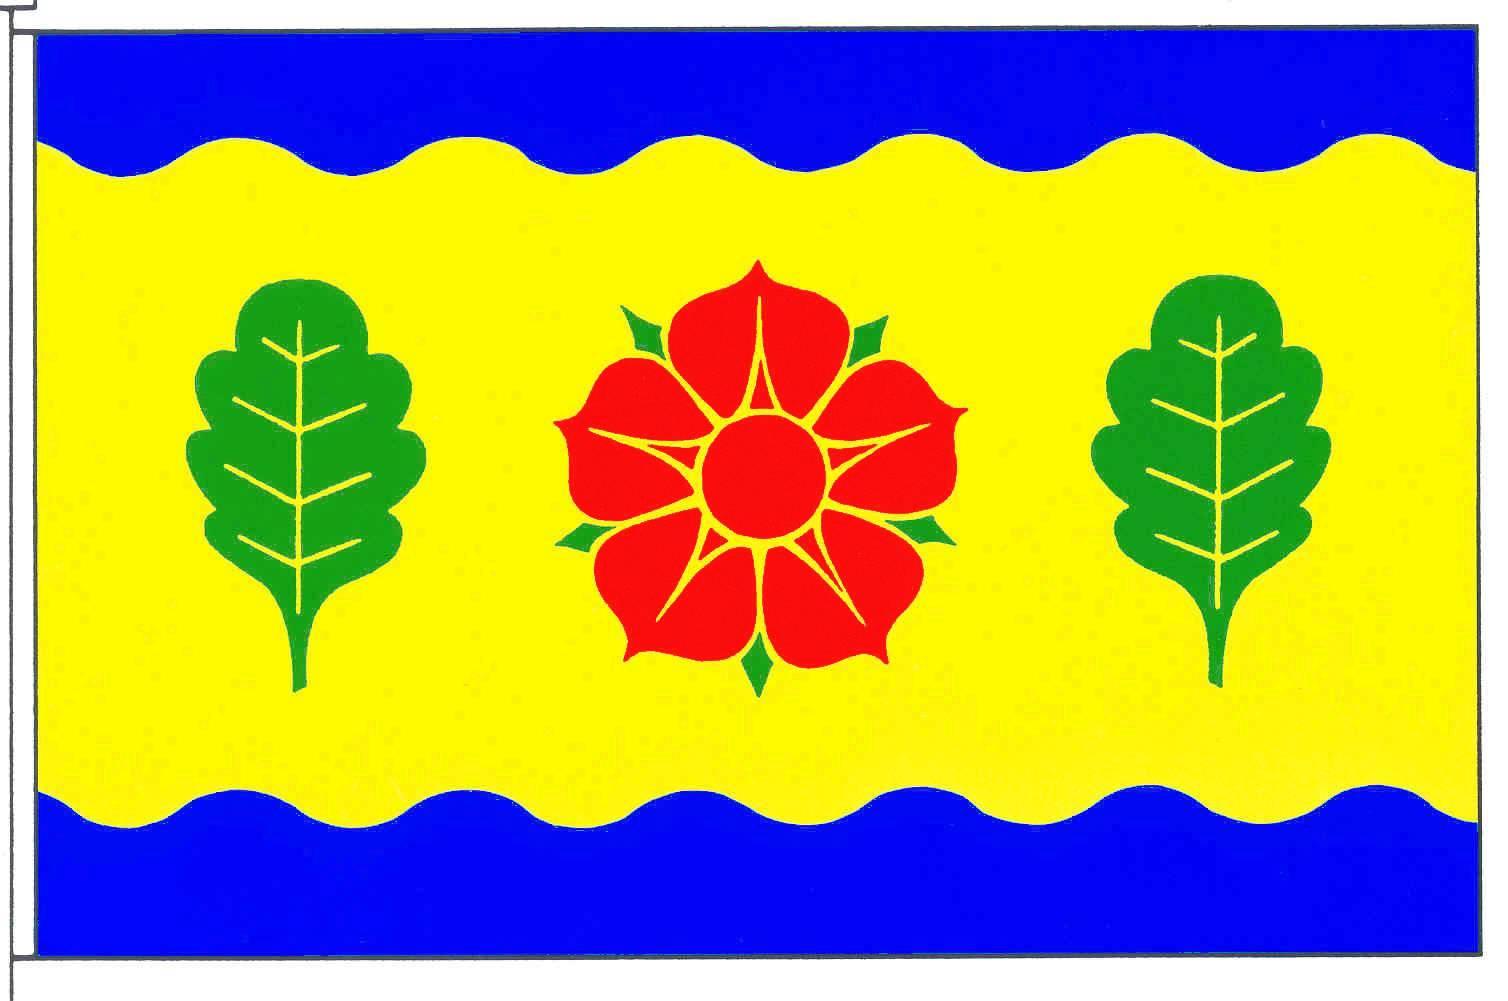 Flagge GemeindeLoose, Kreis Rendsburg-Eckernförde